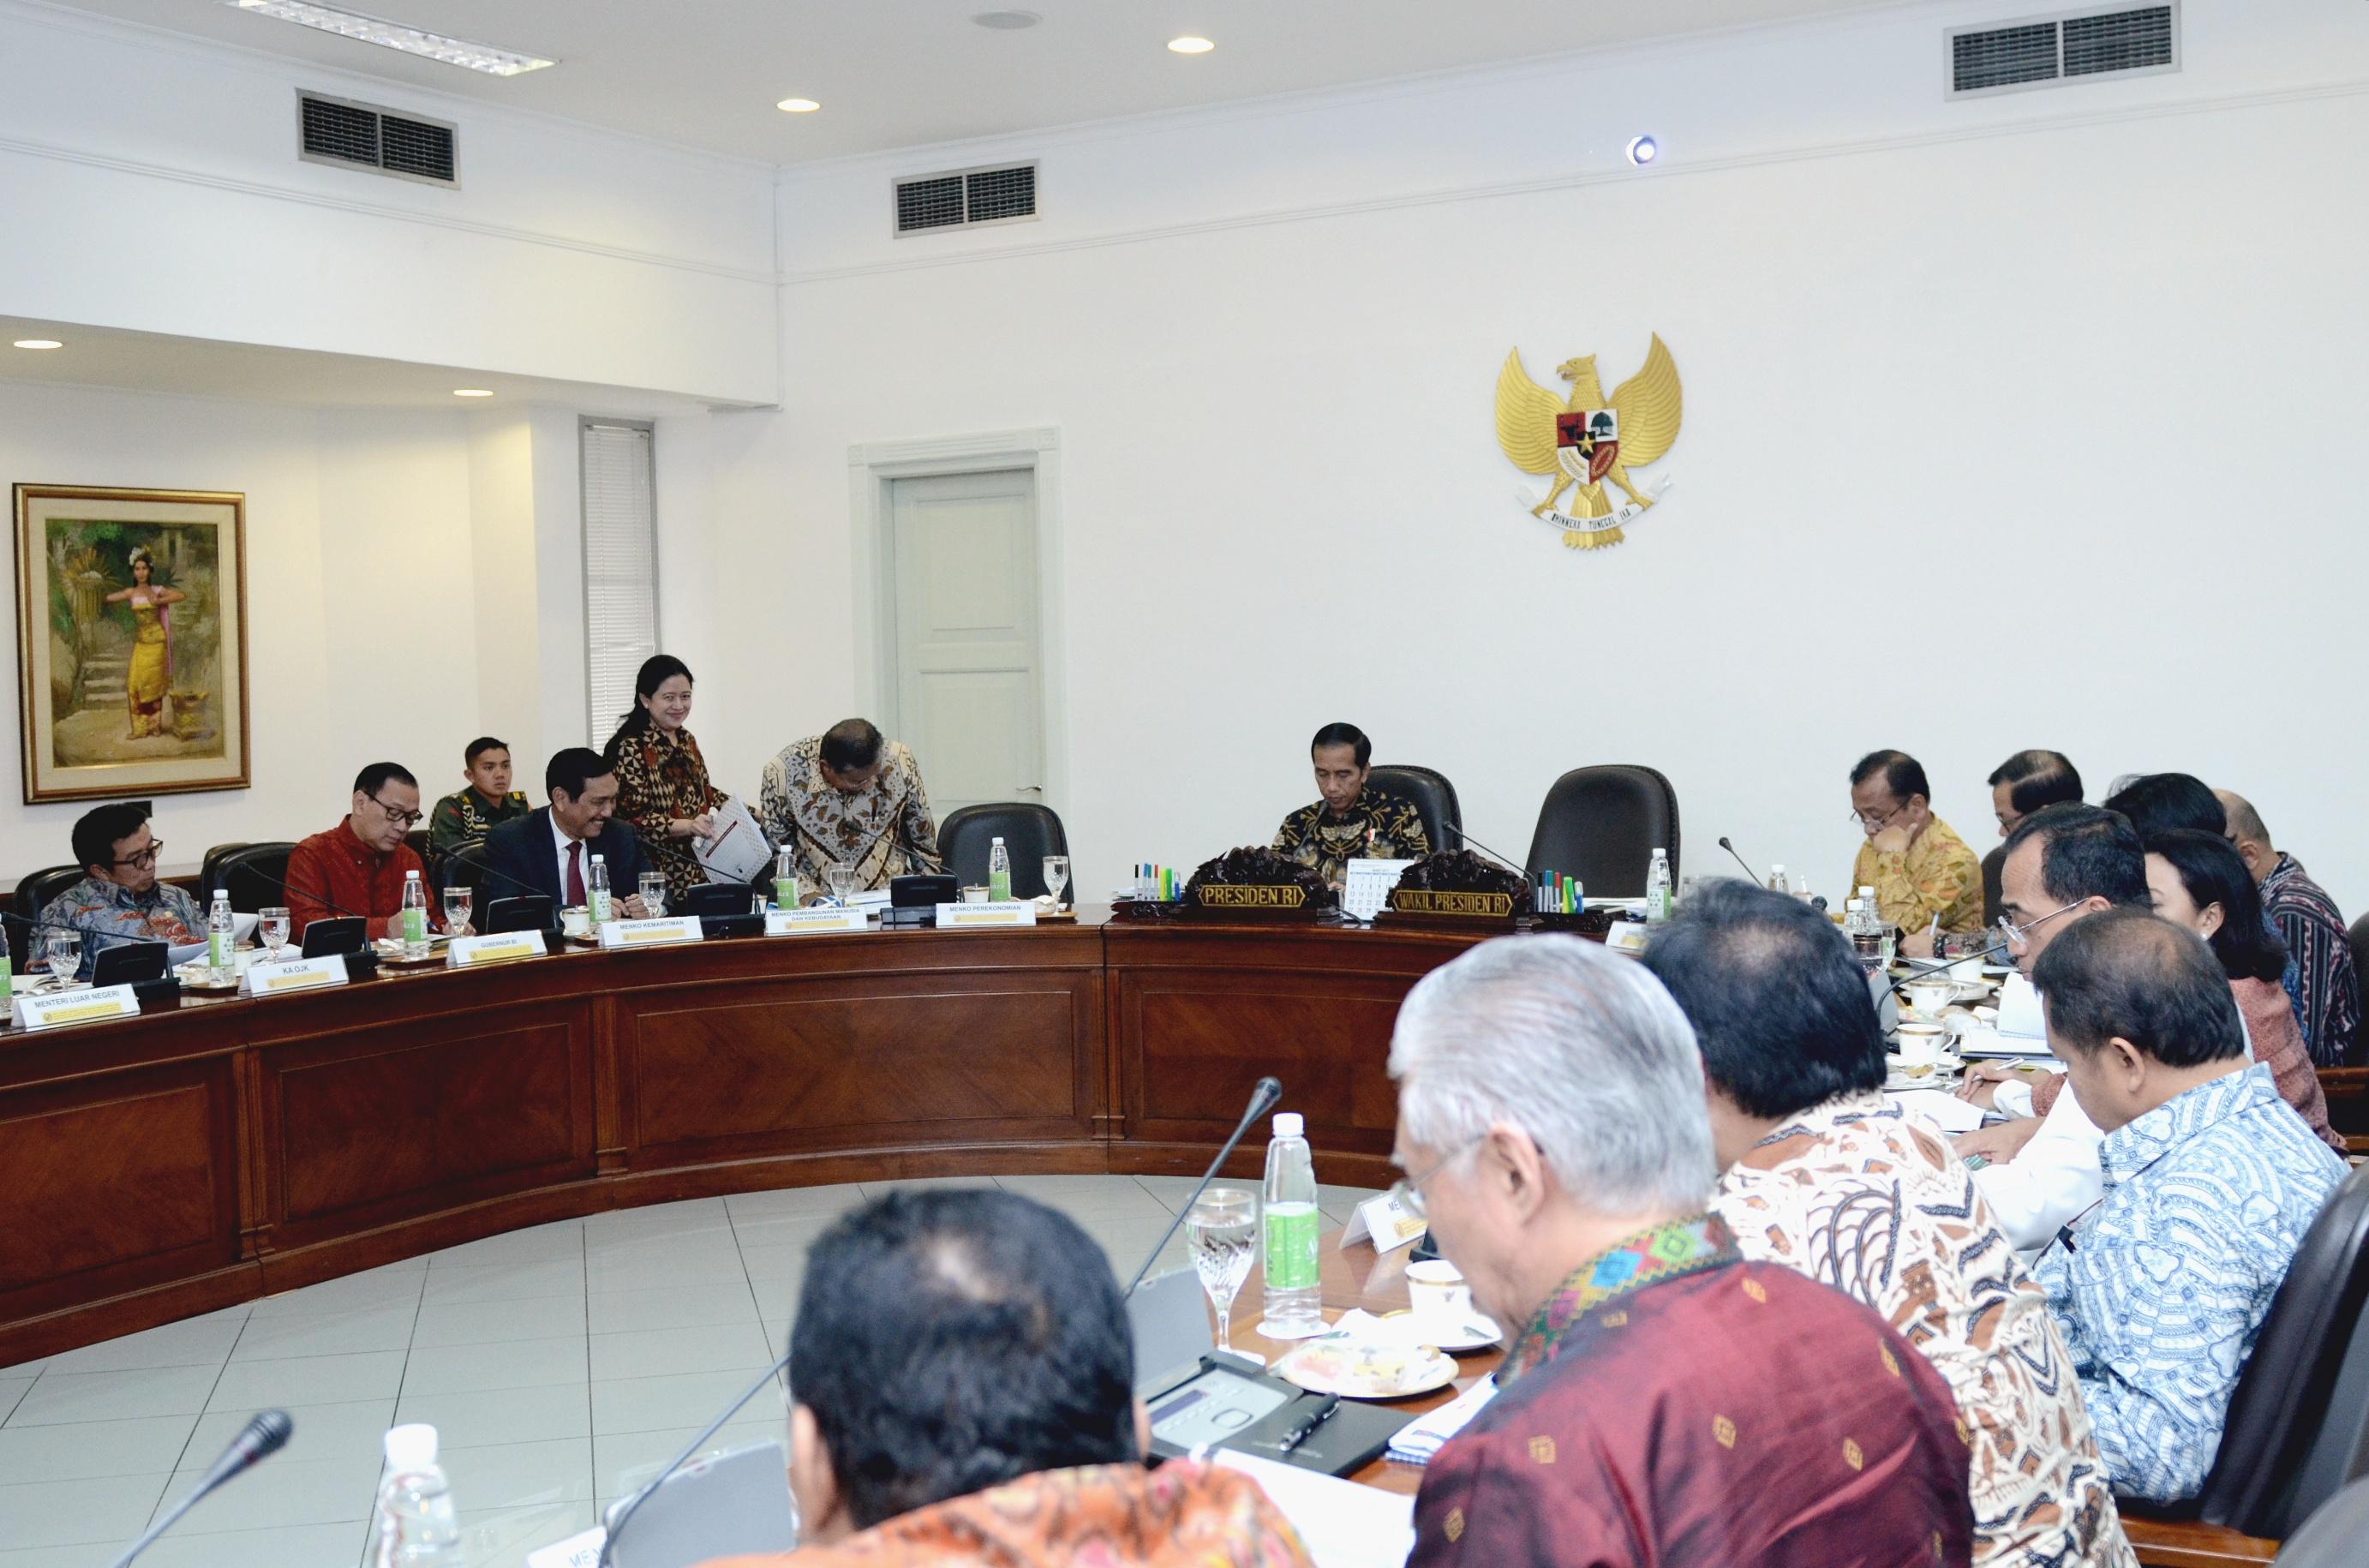 Presiden Jokowi memimpin rapat terbatas pertukaran sistem informasi keuangan, di Kantor Presiden, Jakarta, Rabu (22/2) sore. (Foto: Agung/Humas)